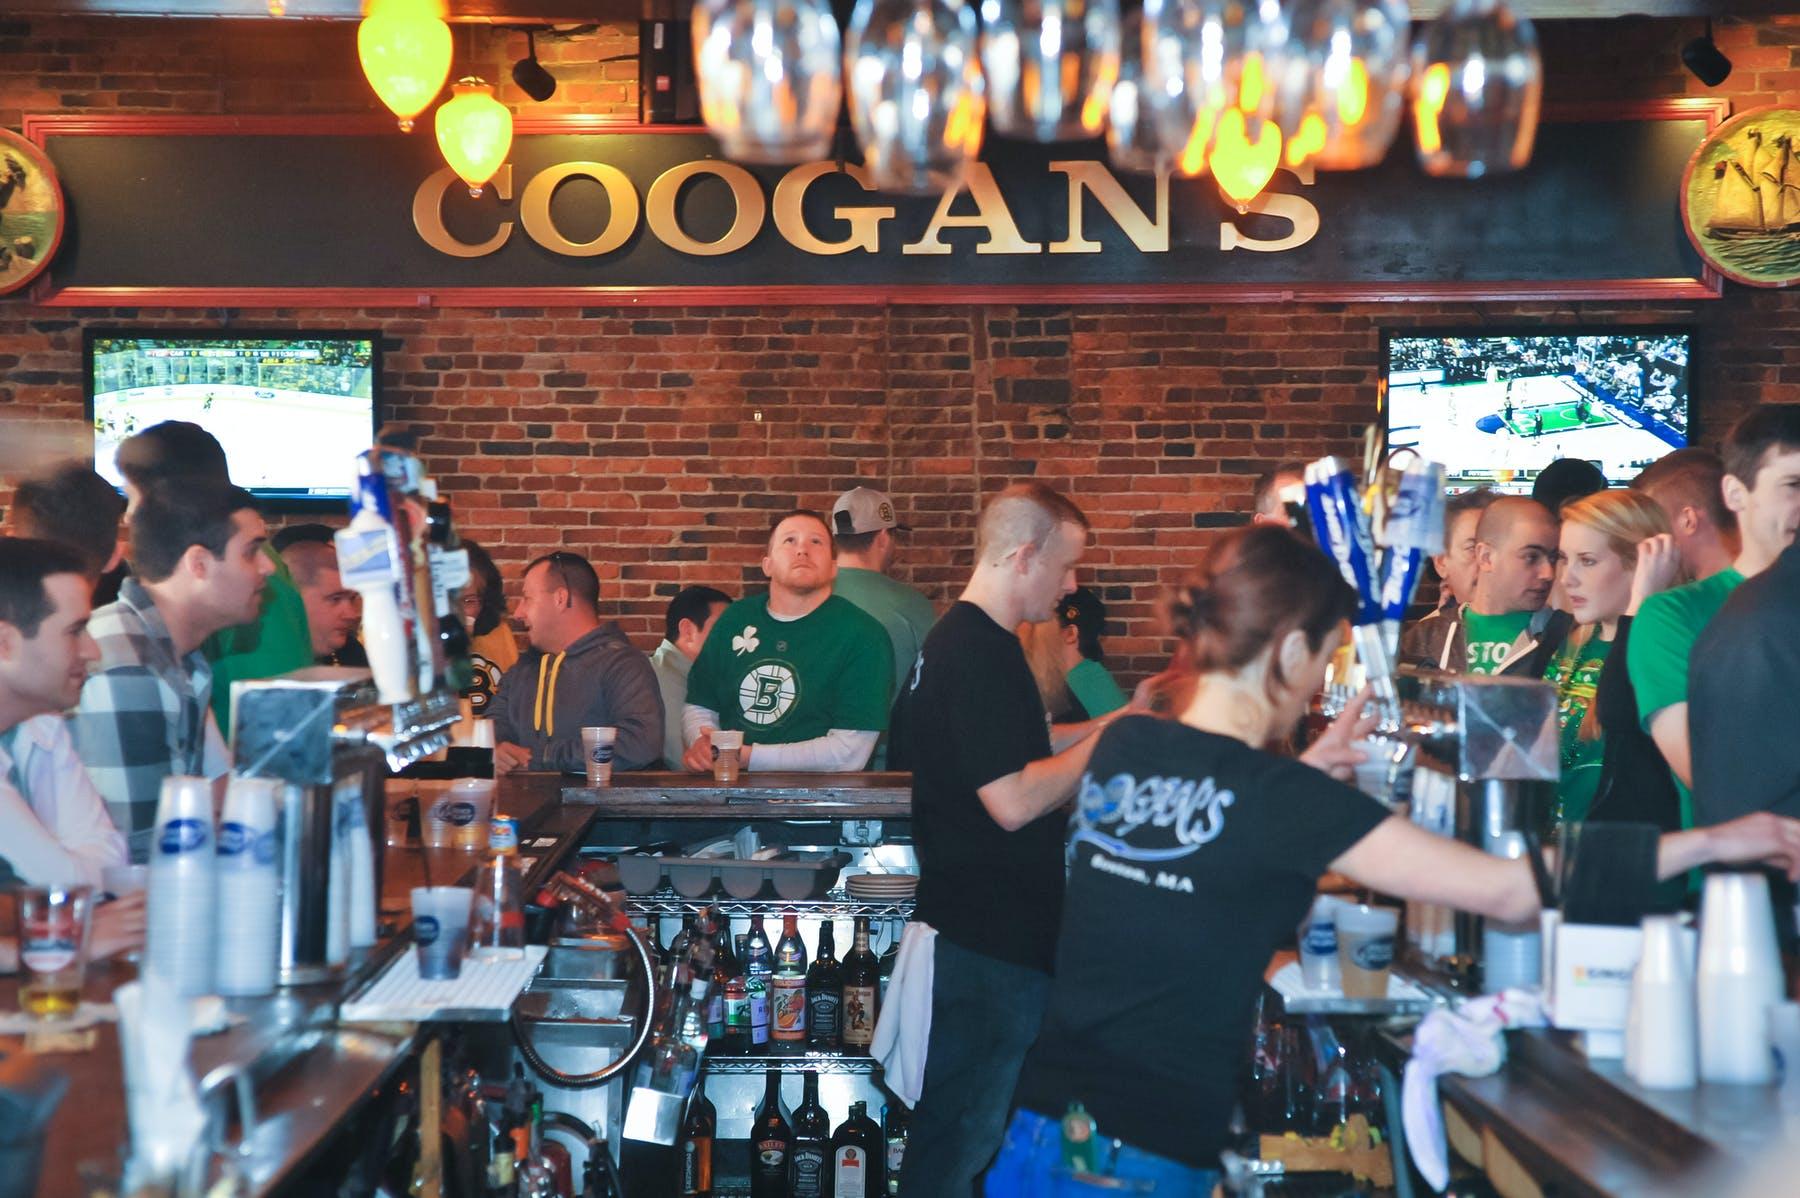 Coogan's